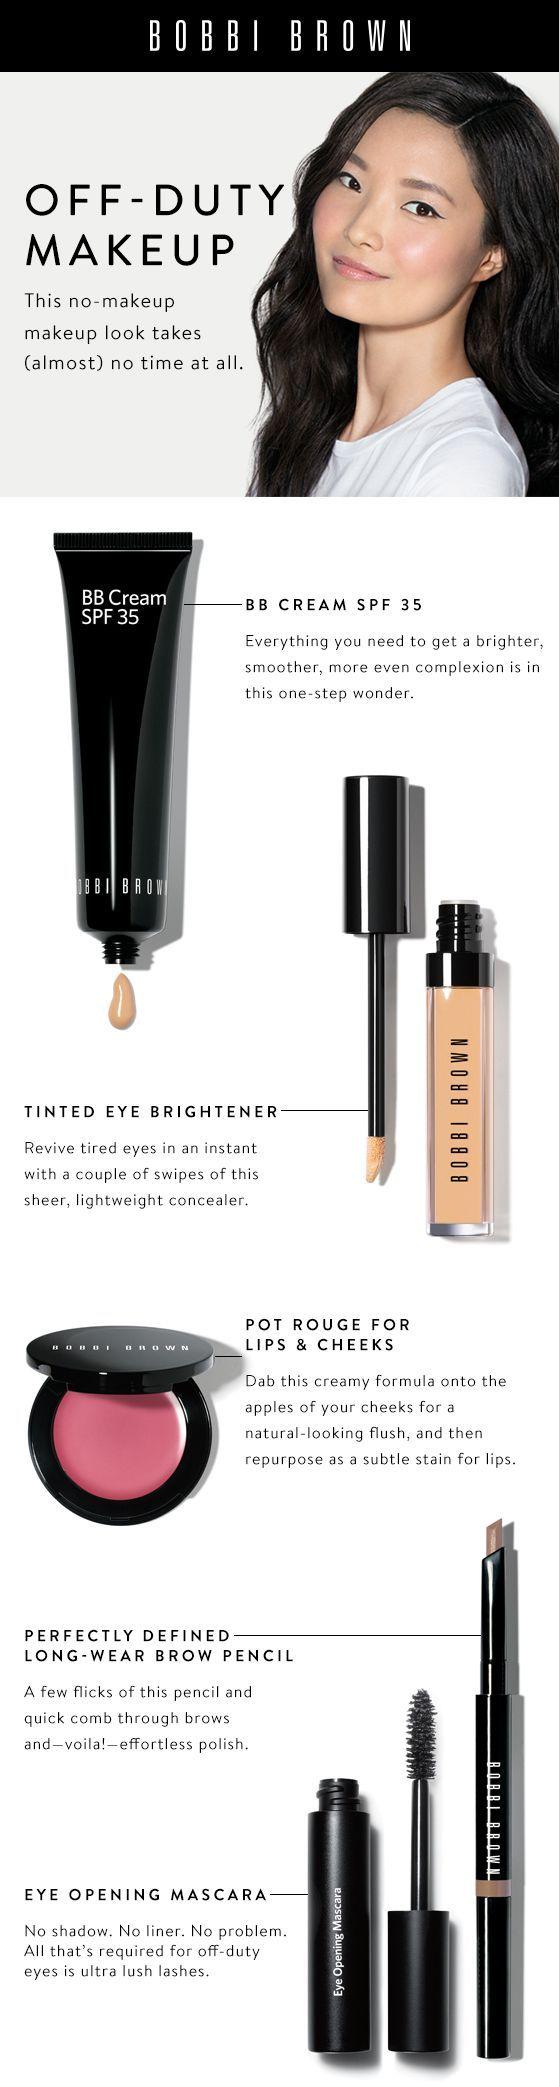 Easy no-makeup makeup look., Brows 101, Bobbi Brown Makeup, perfect makeup and beauty collection